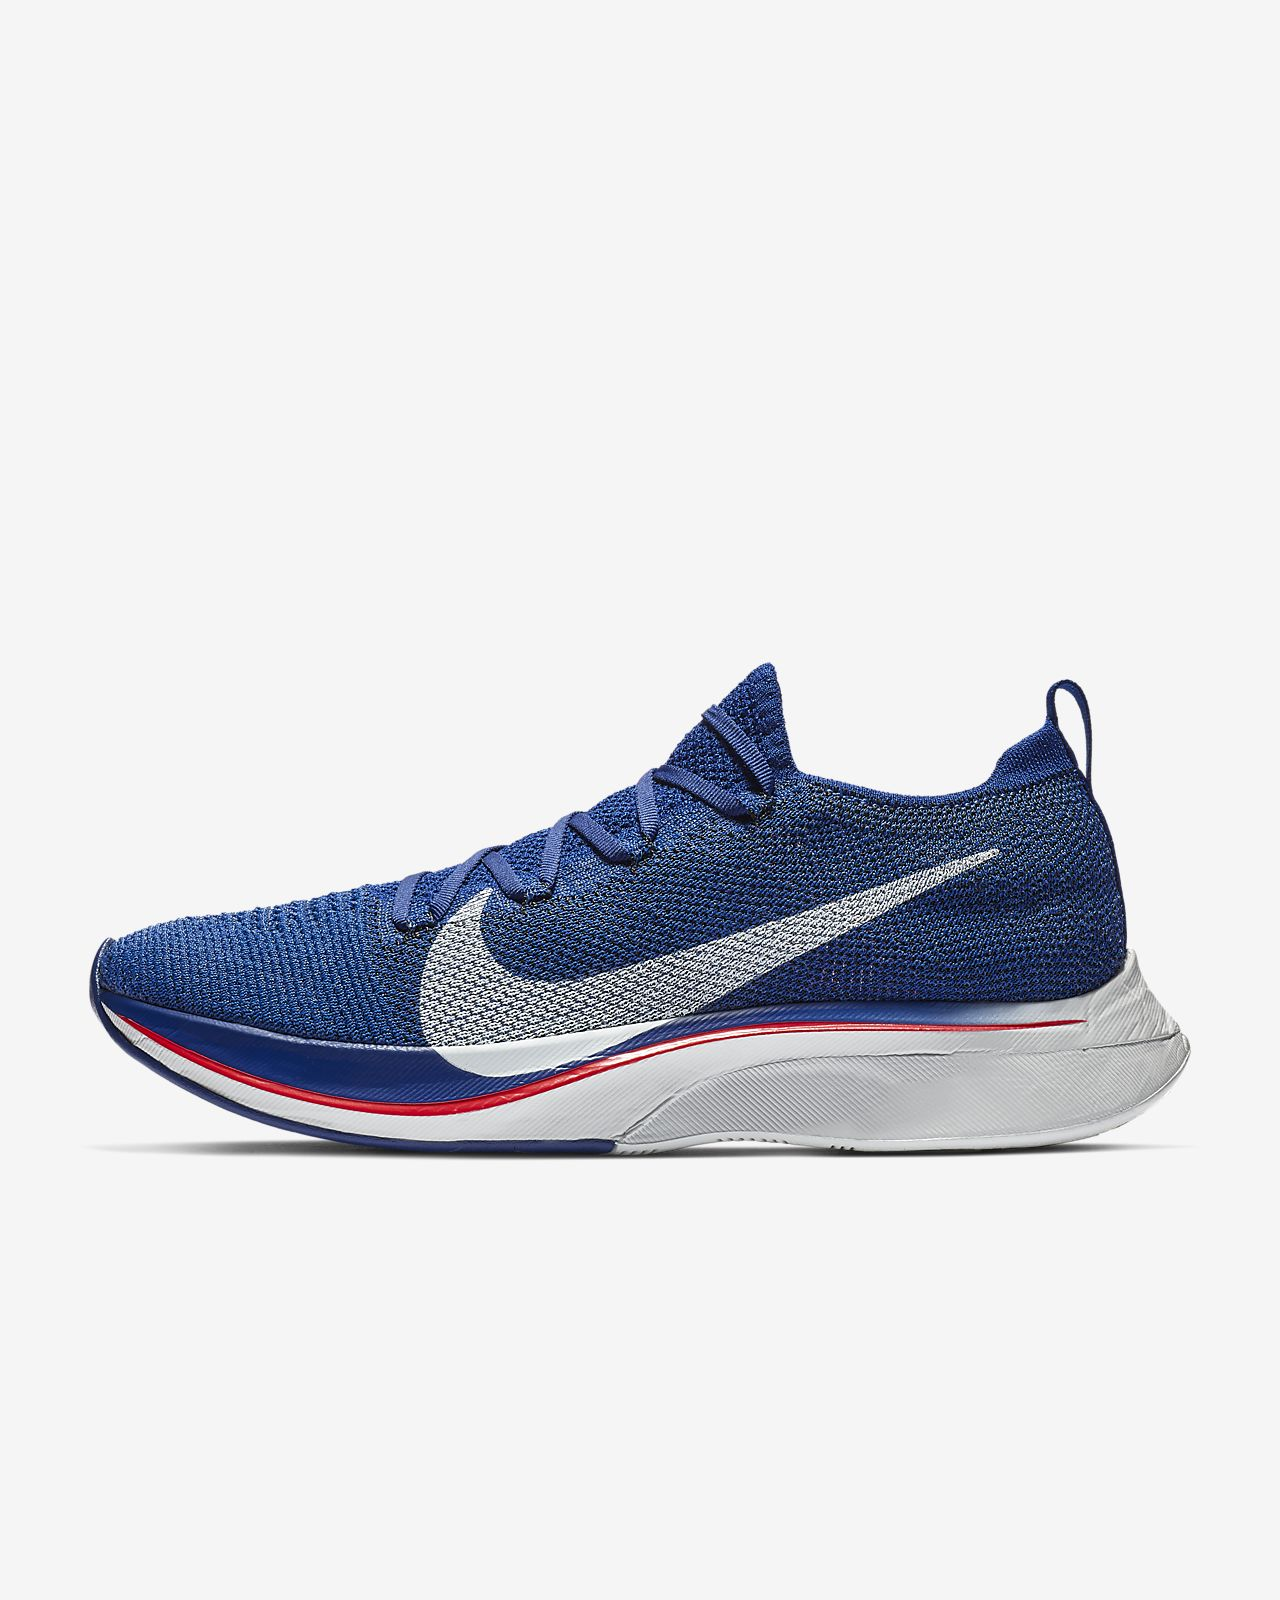 Nike Vaporfly 4% Flyknit 跑鞋